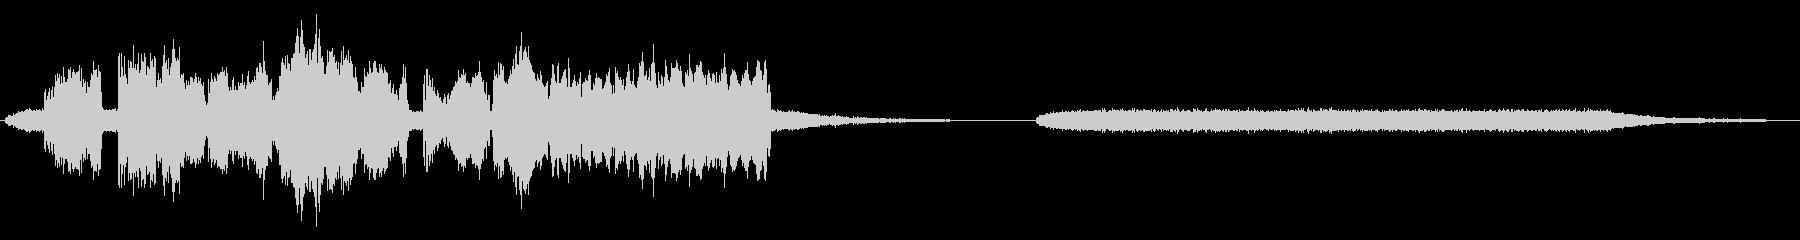 ワークショップ、メタル、研削、ハン...の未再生の波形